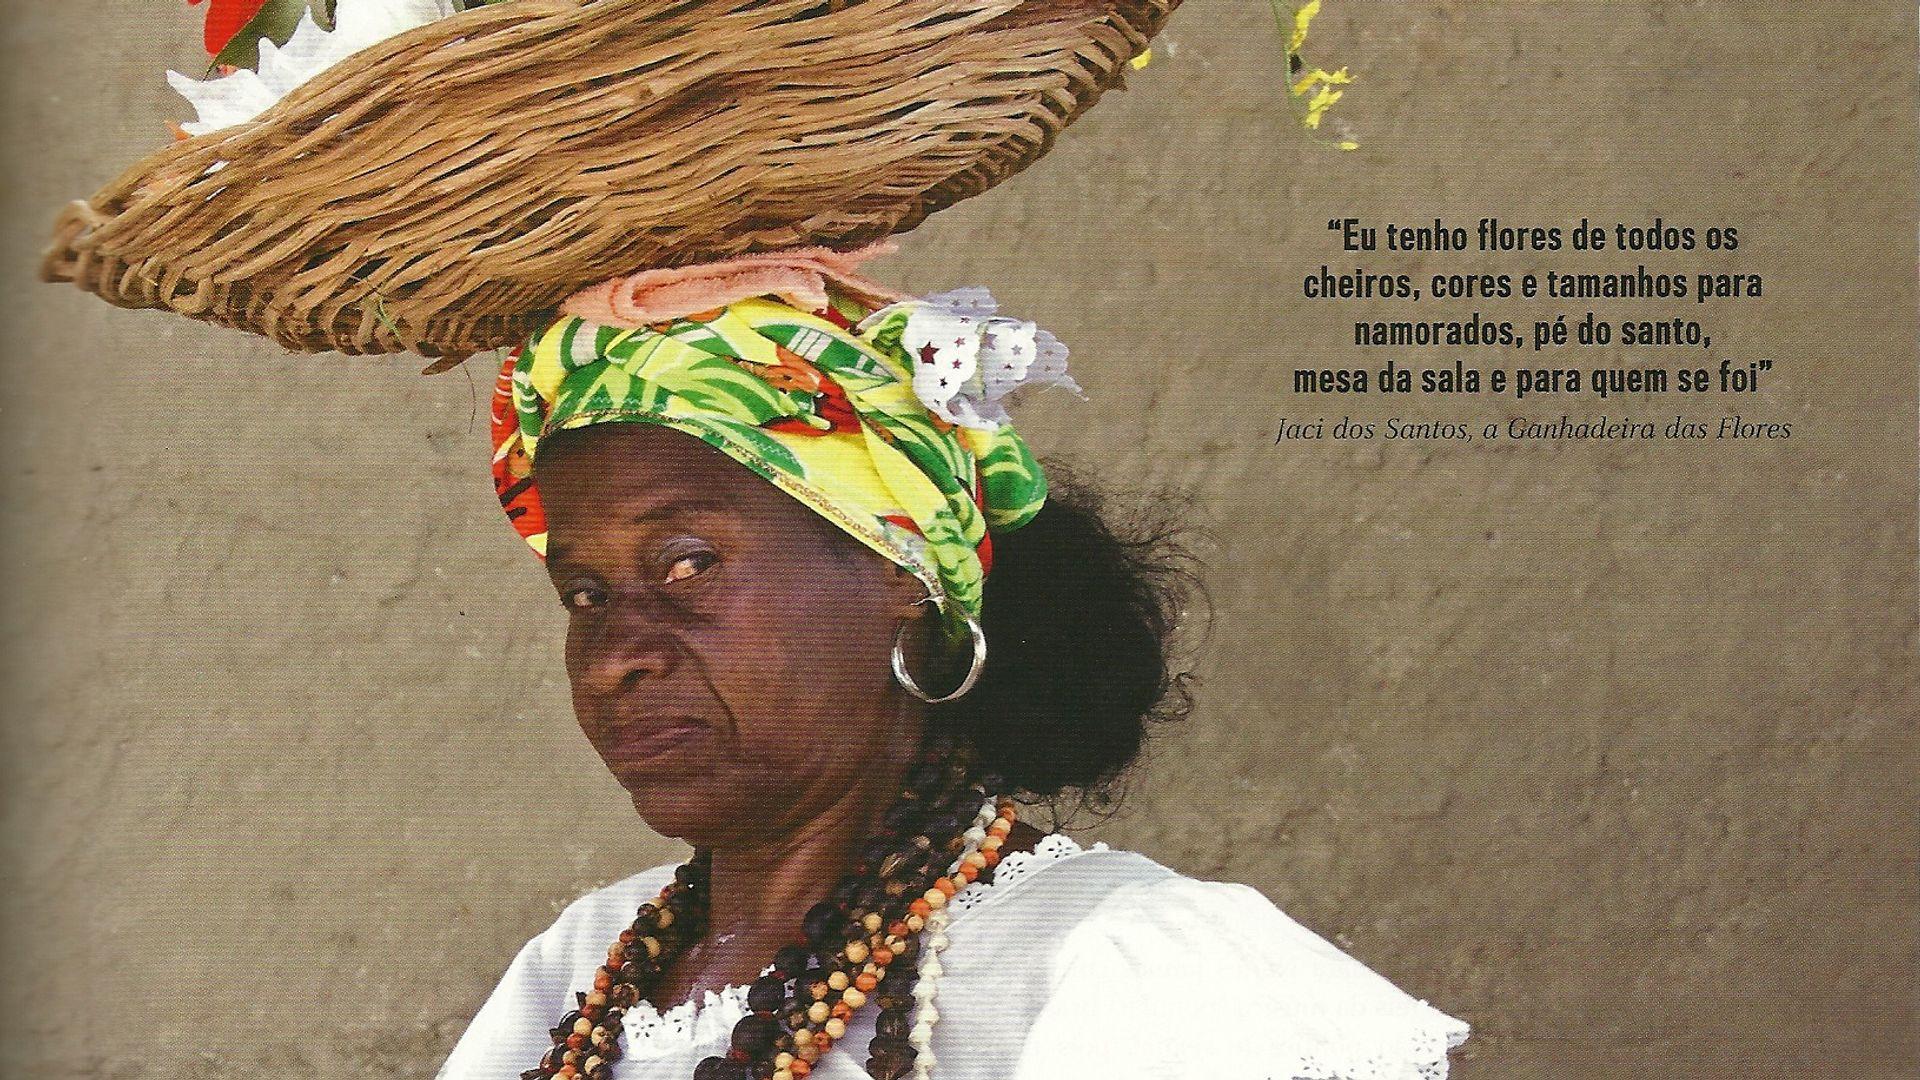 Recortes da Revista mag! (n. 18, 2010) - Jaci dos Santos